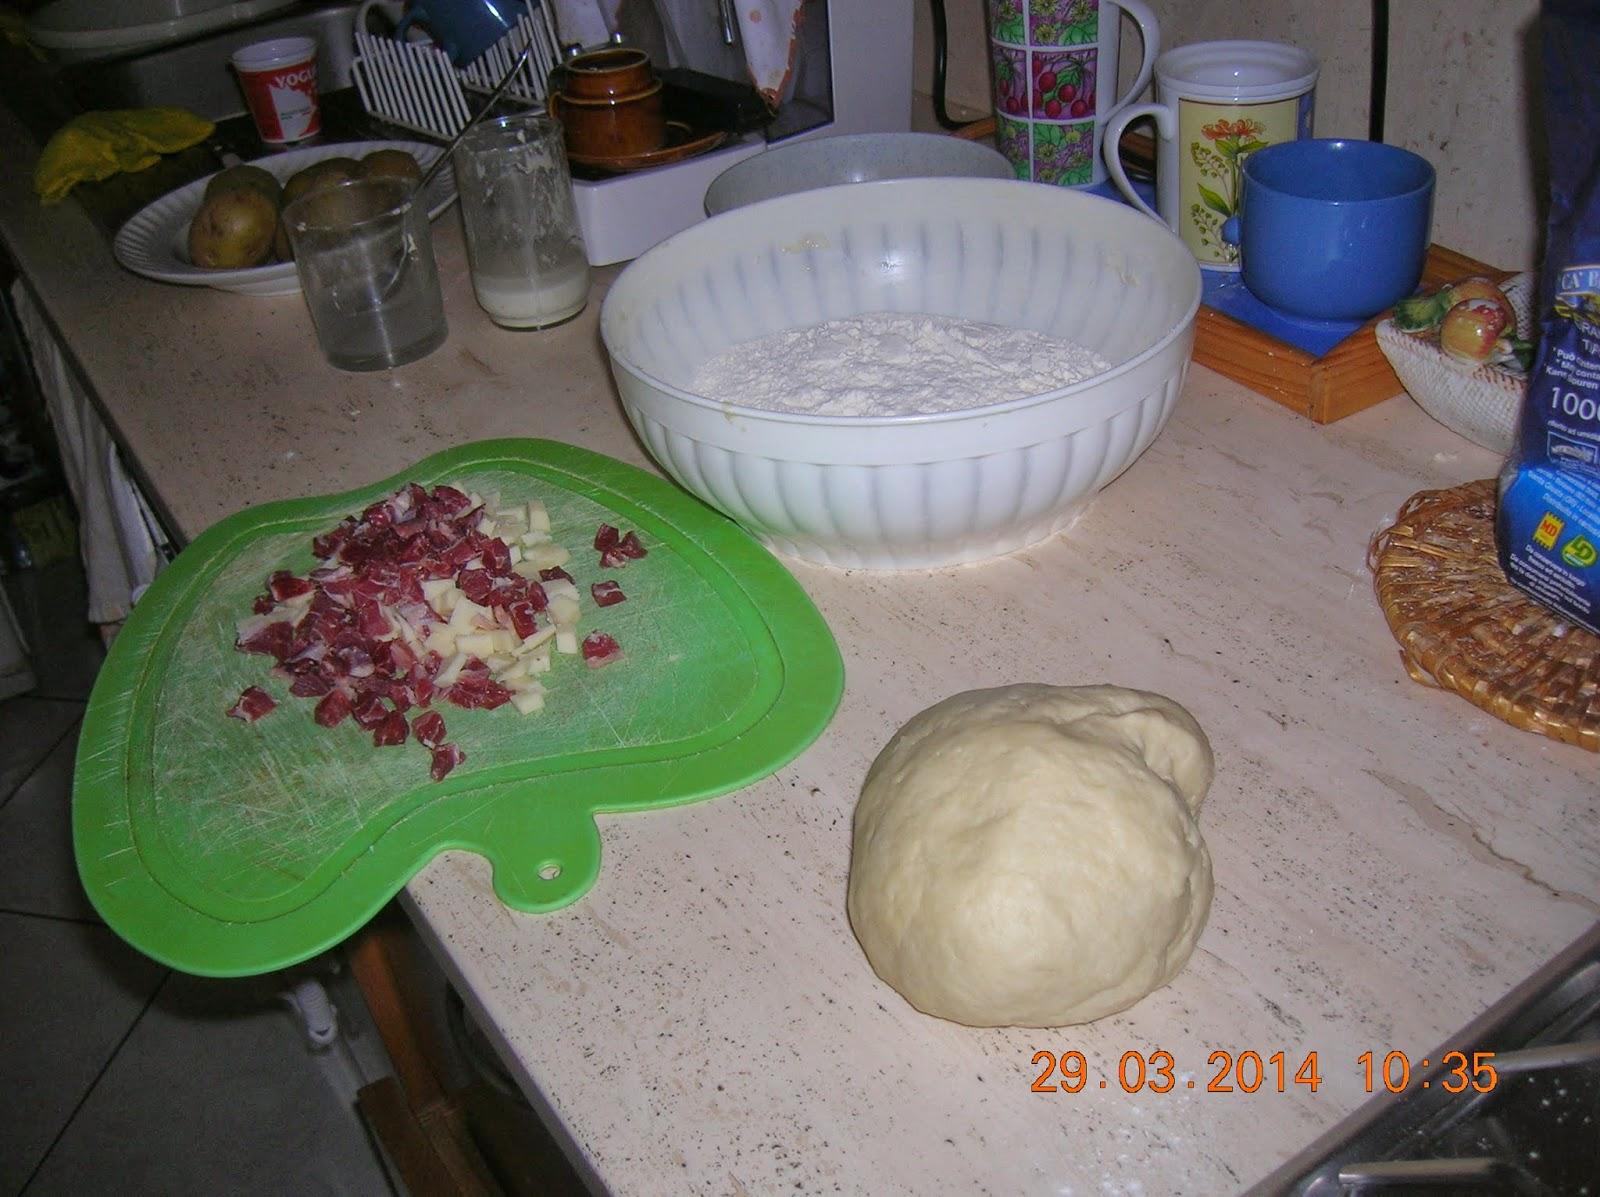 panini di patate  e prosciutto crudo  con formaggio-  quiche  di ricotta e verdure